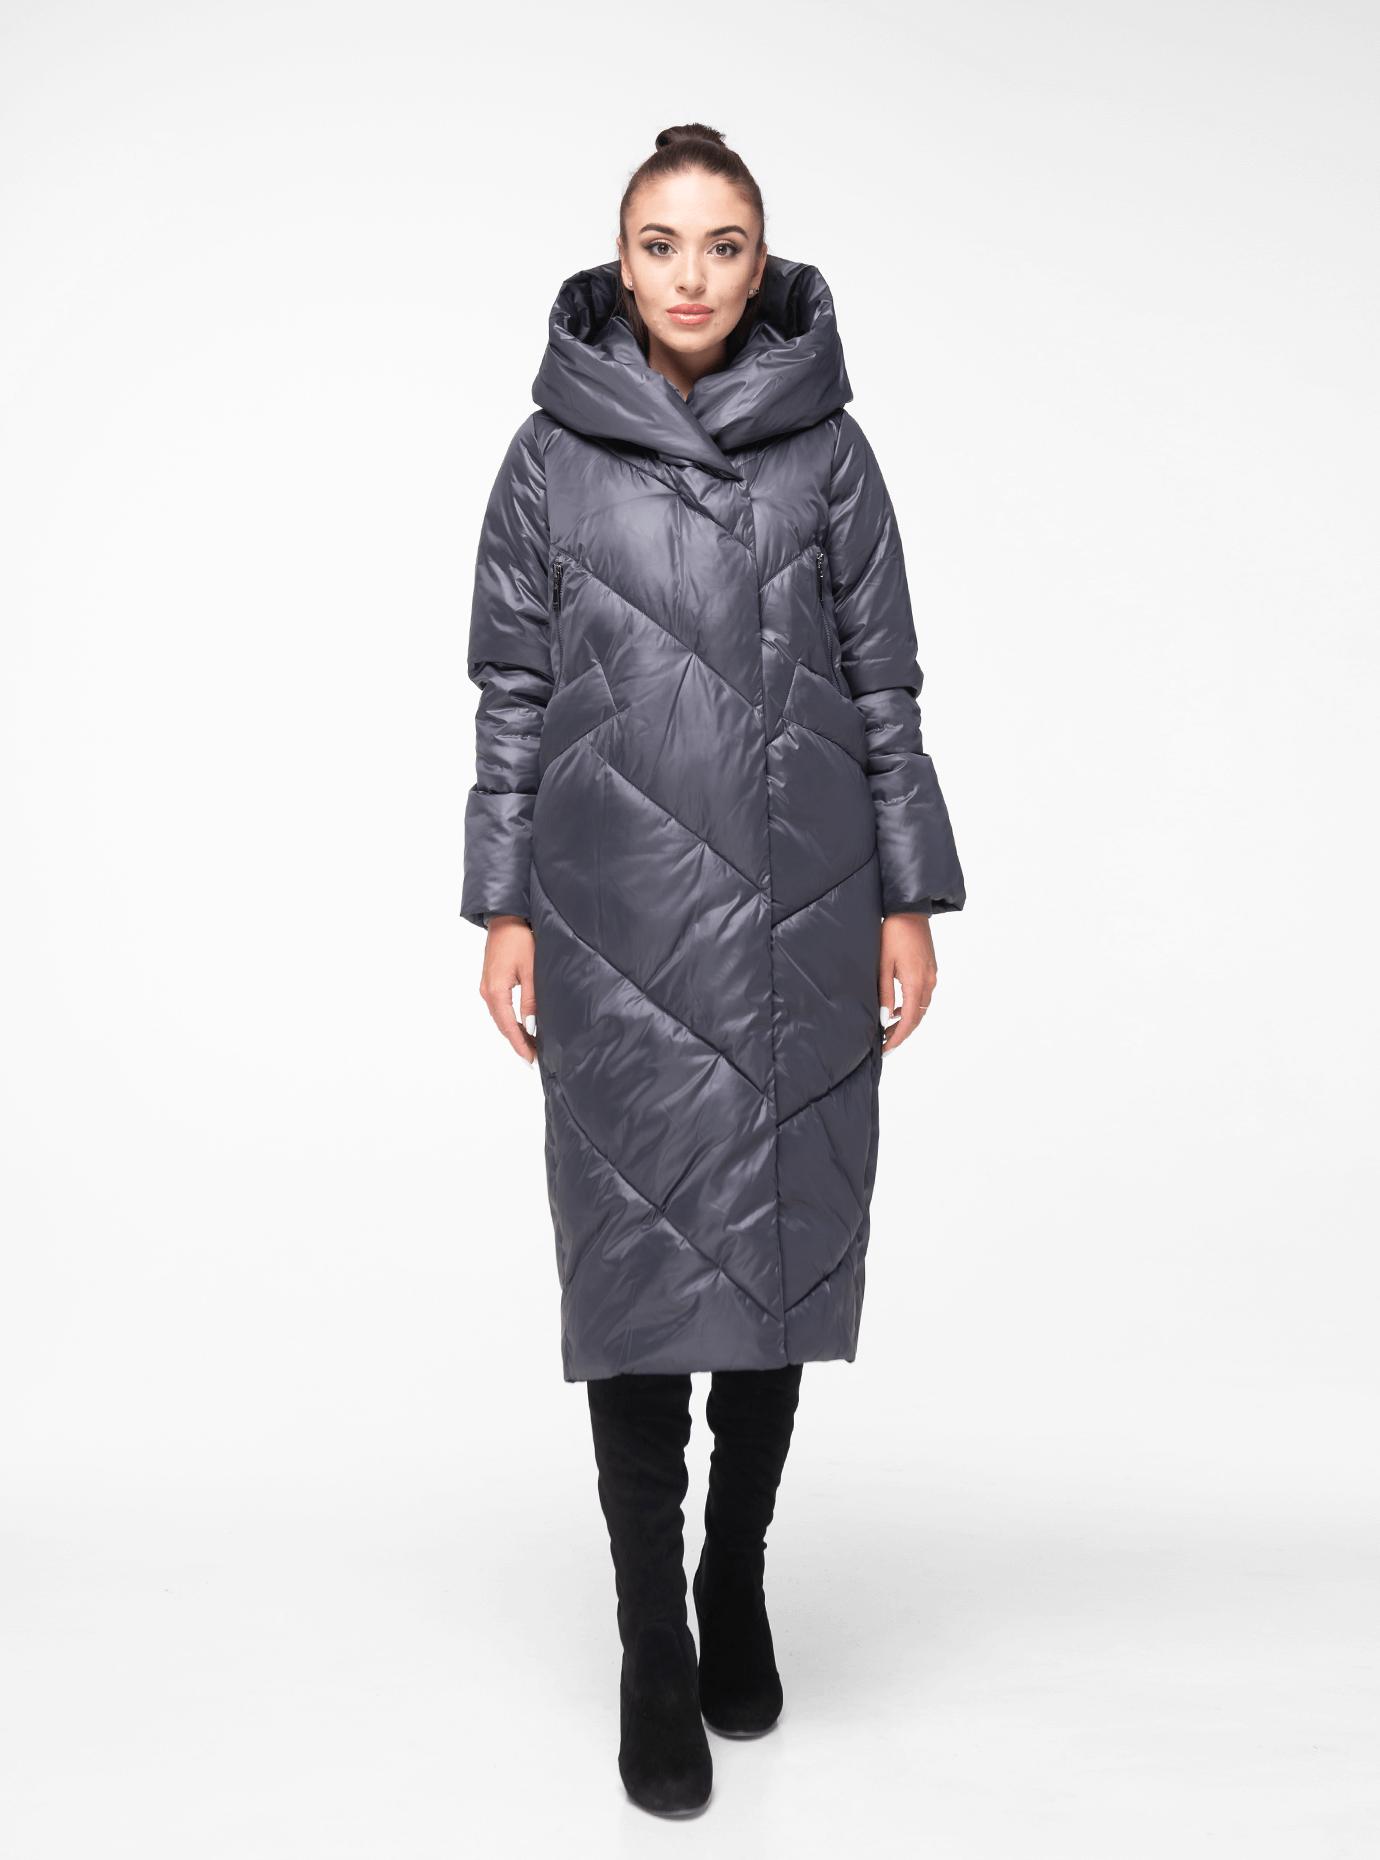 Куртка зимова стьобана Графітовий 44 (02-BF19030): фото - Alster.ua